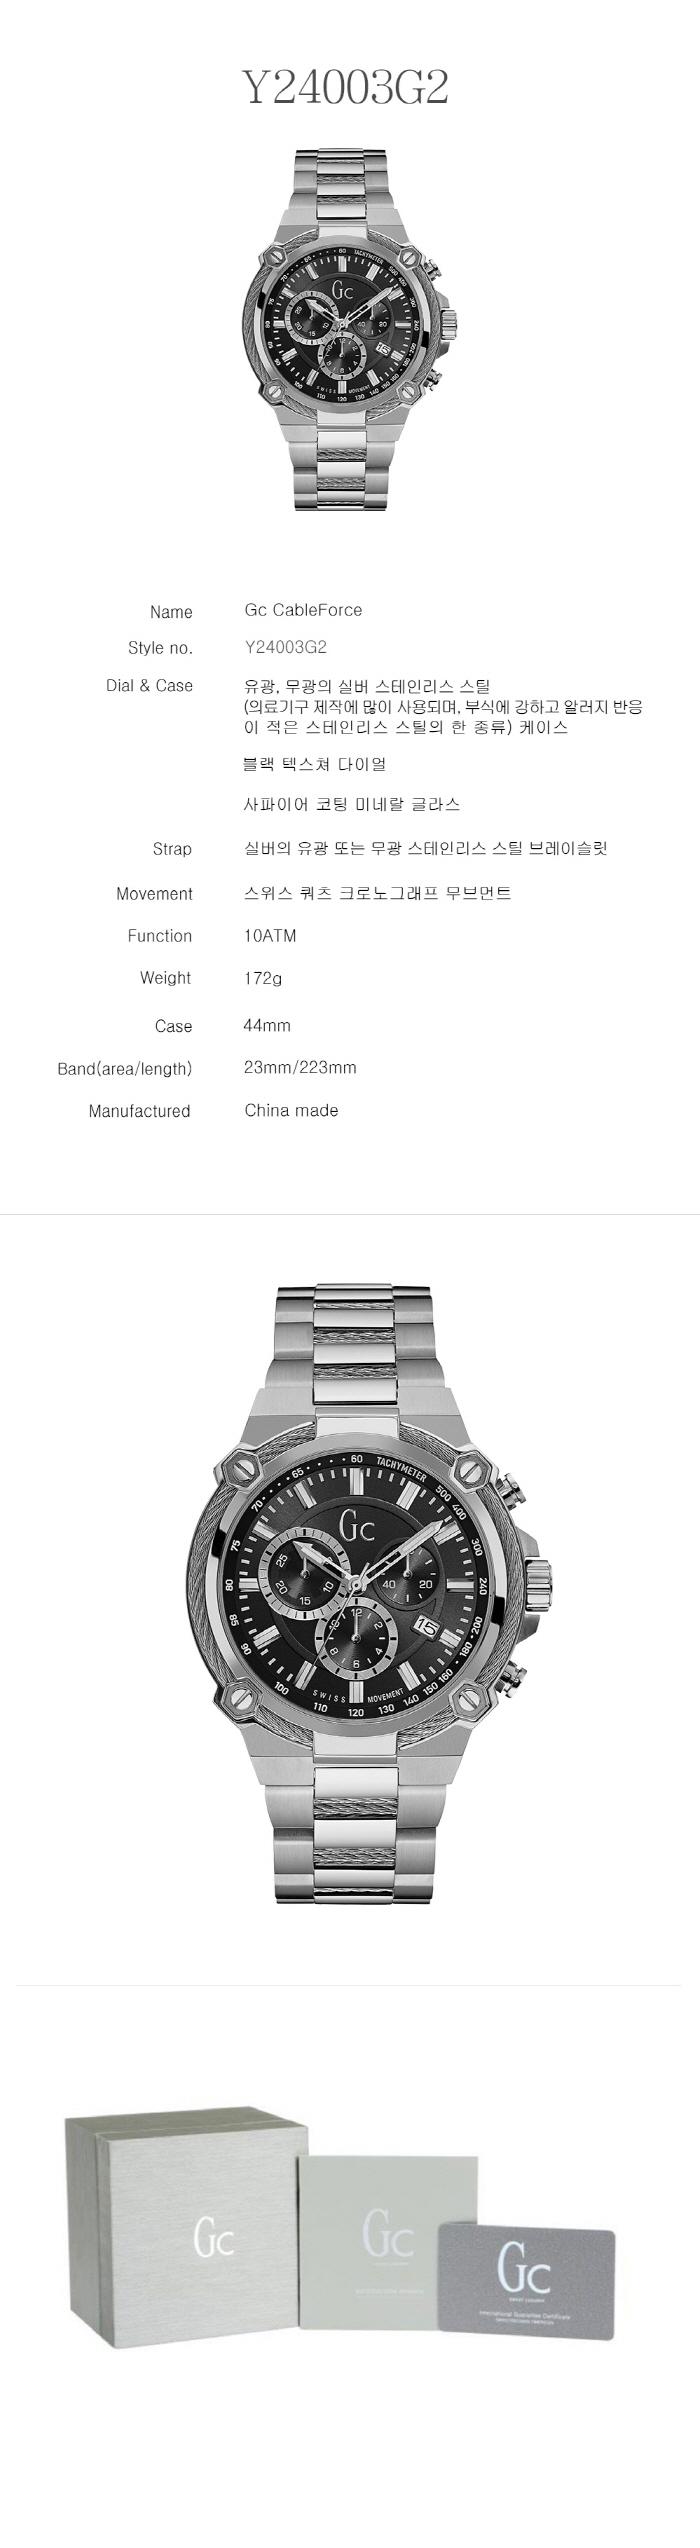 [공식,백화점AS가능] Gc CableForce 남성시계(메탈)_Y24003G2 - 지씨, 508,000원, 여성시계, 패션시계